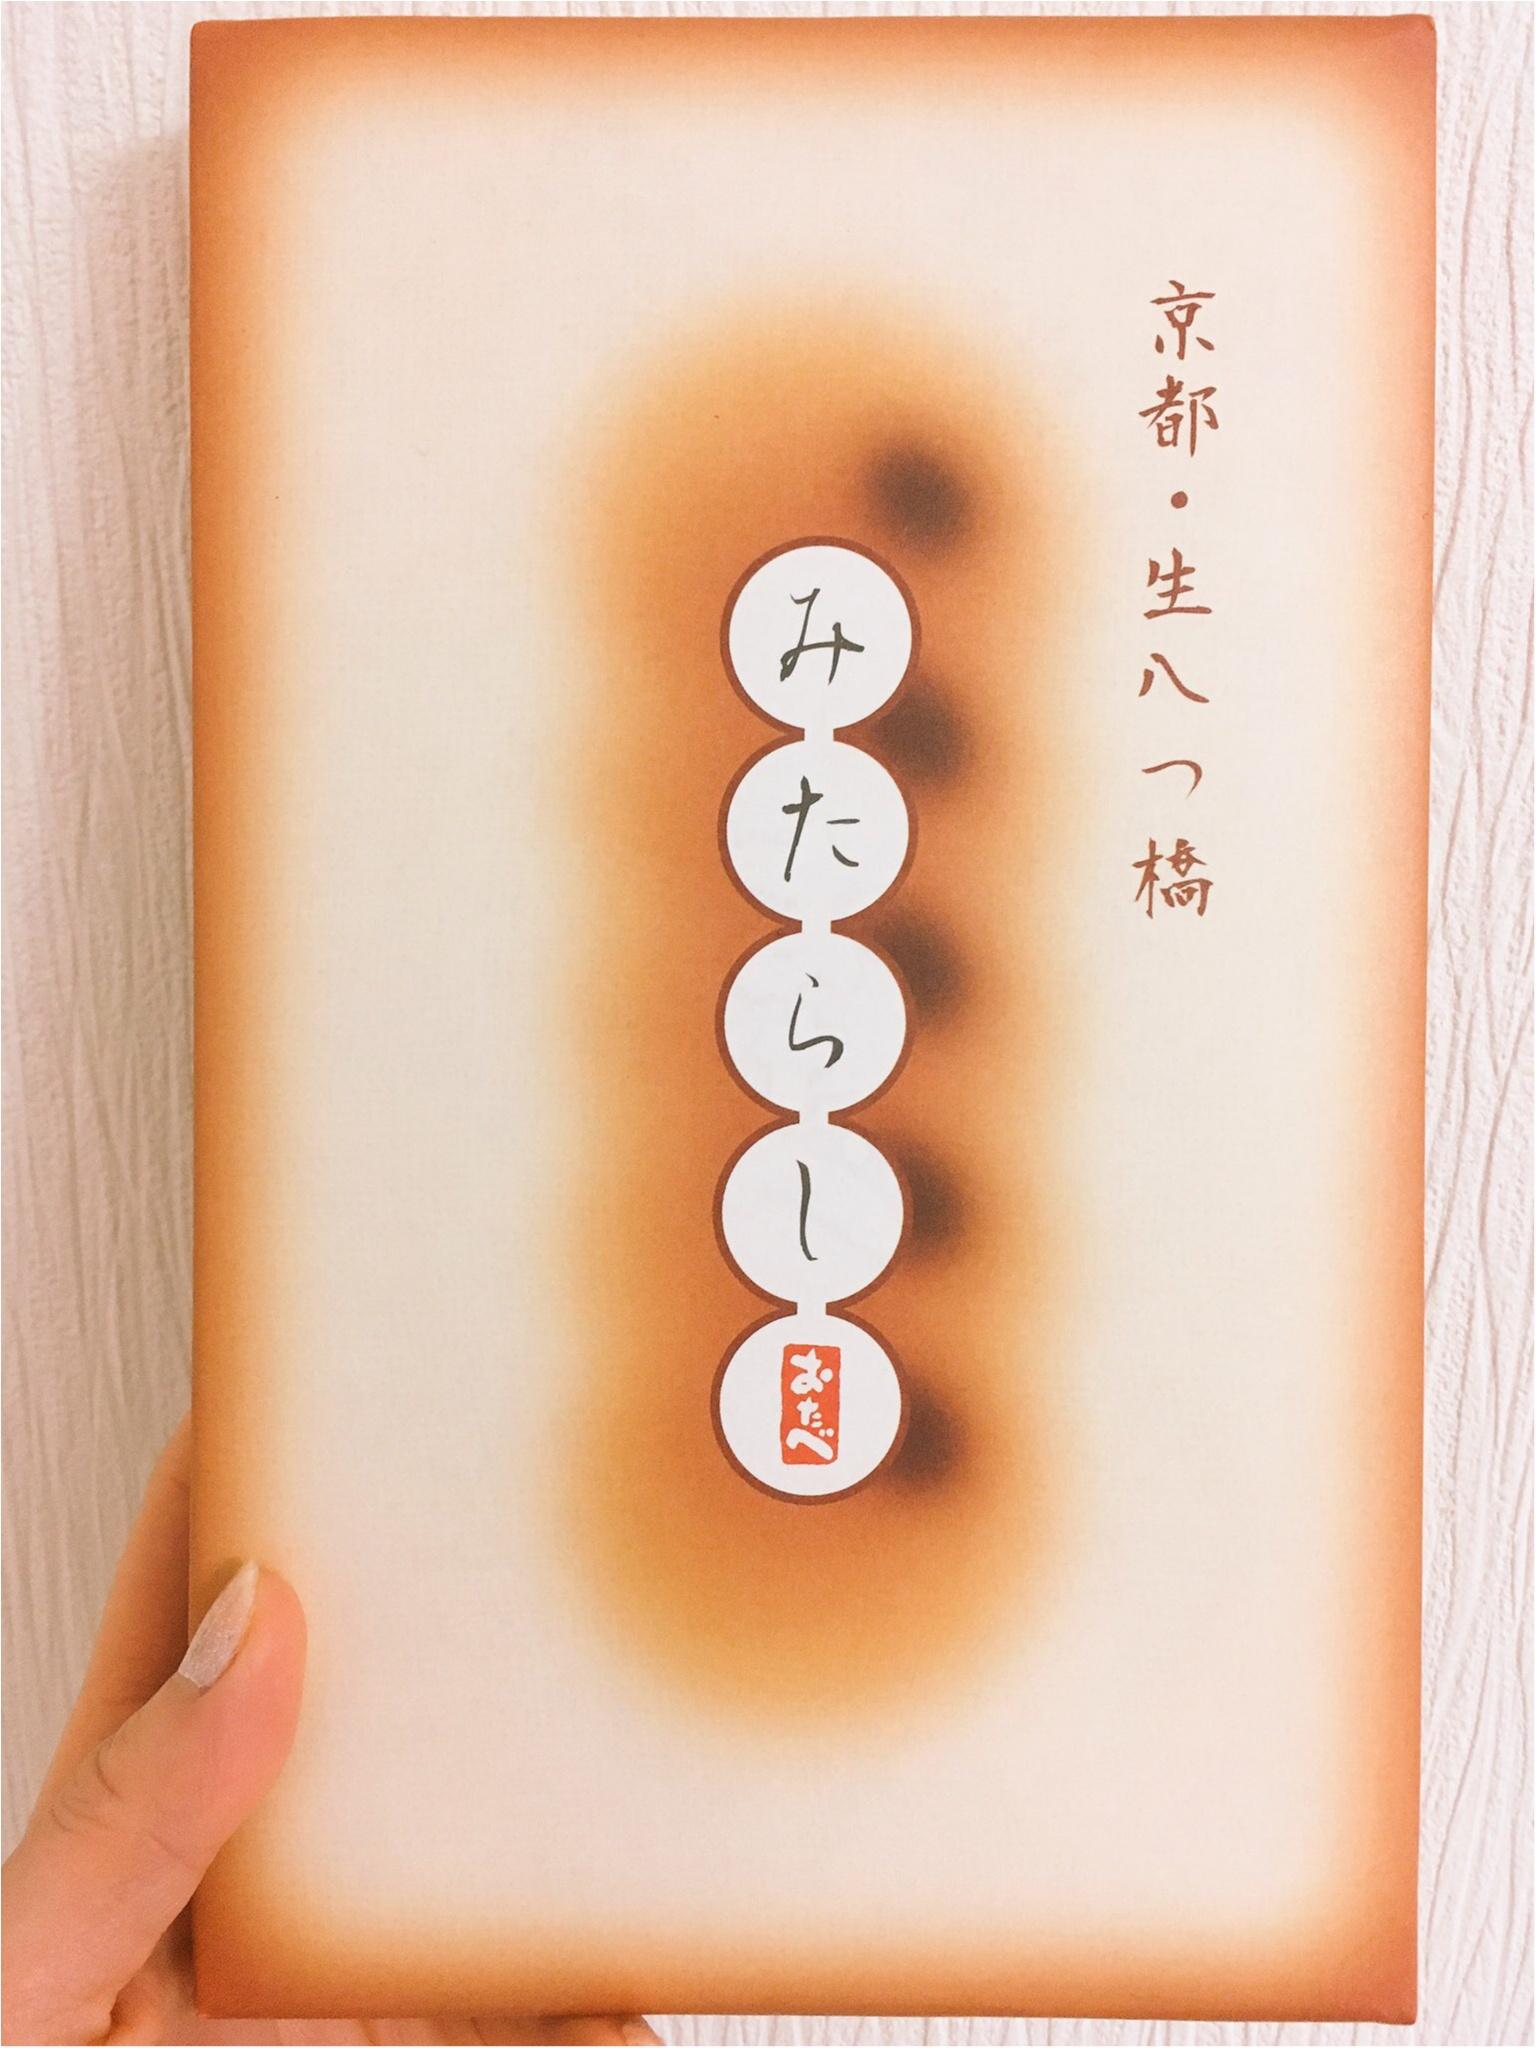 【関西旅行】これを買えばハズレない!♡【食べ物お土産ベスト3】_4